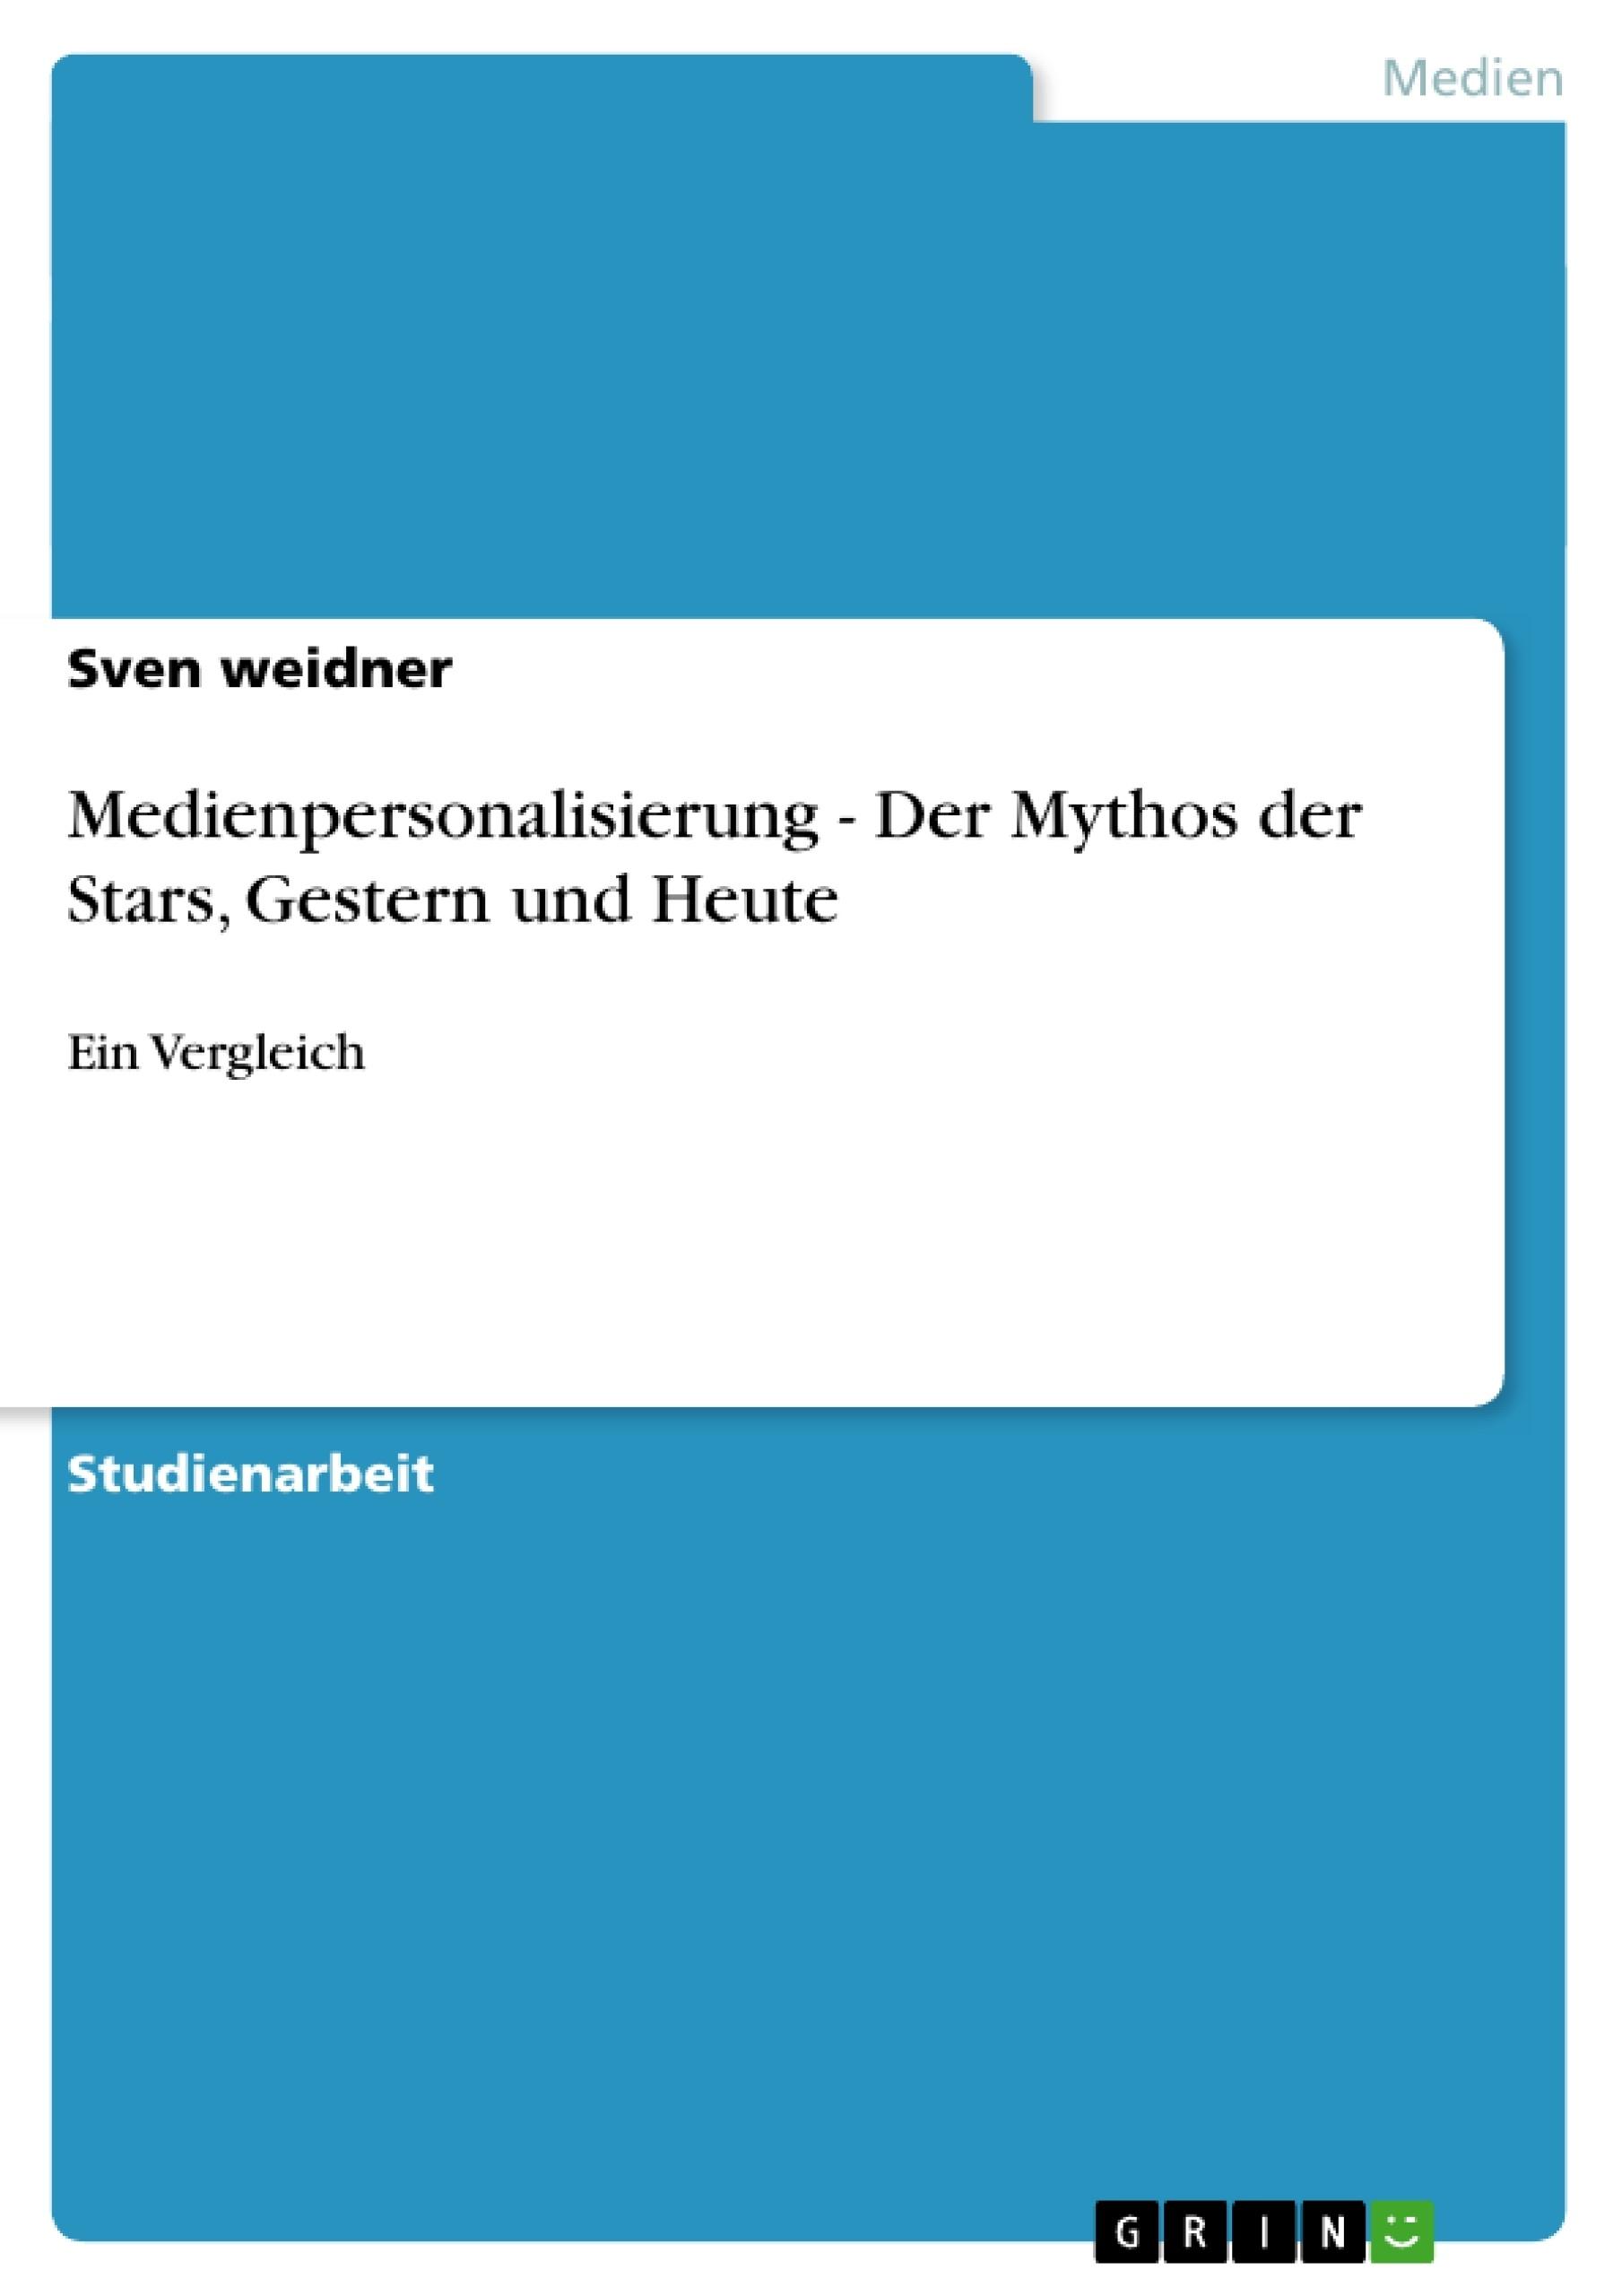 Titel: Medienpersonalisierung - Der Mythos der Stars, Gestern und Heute